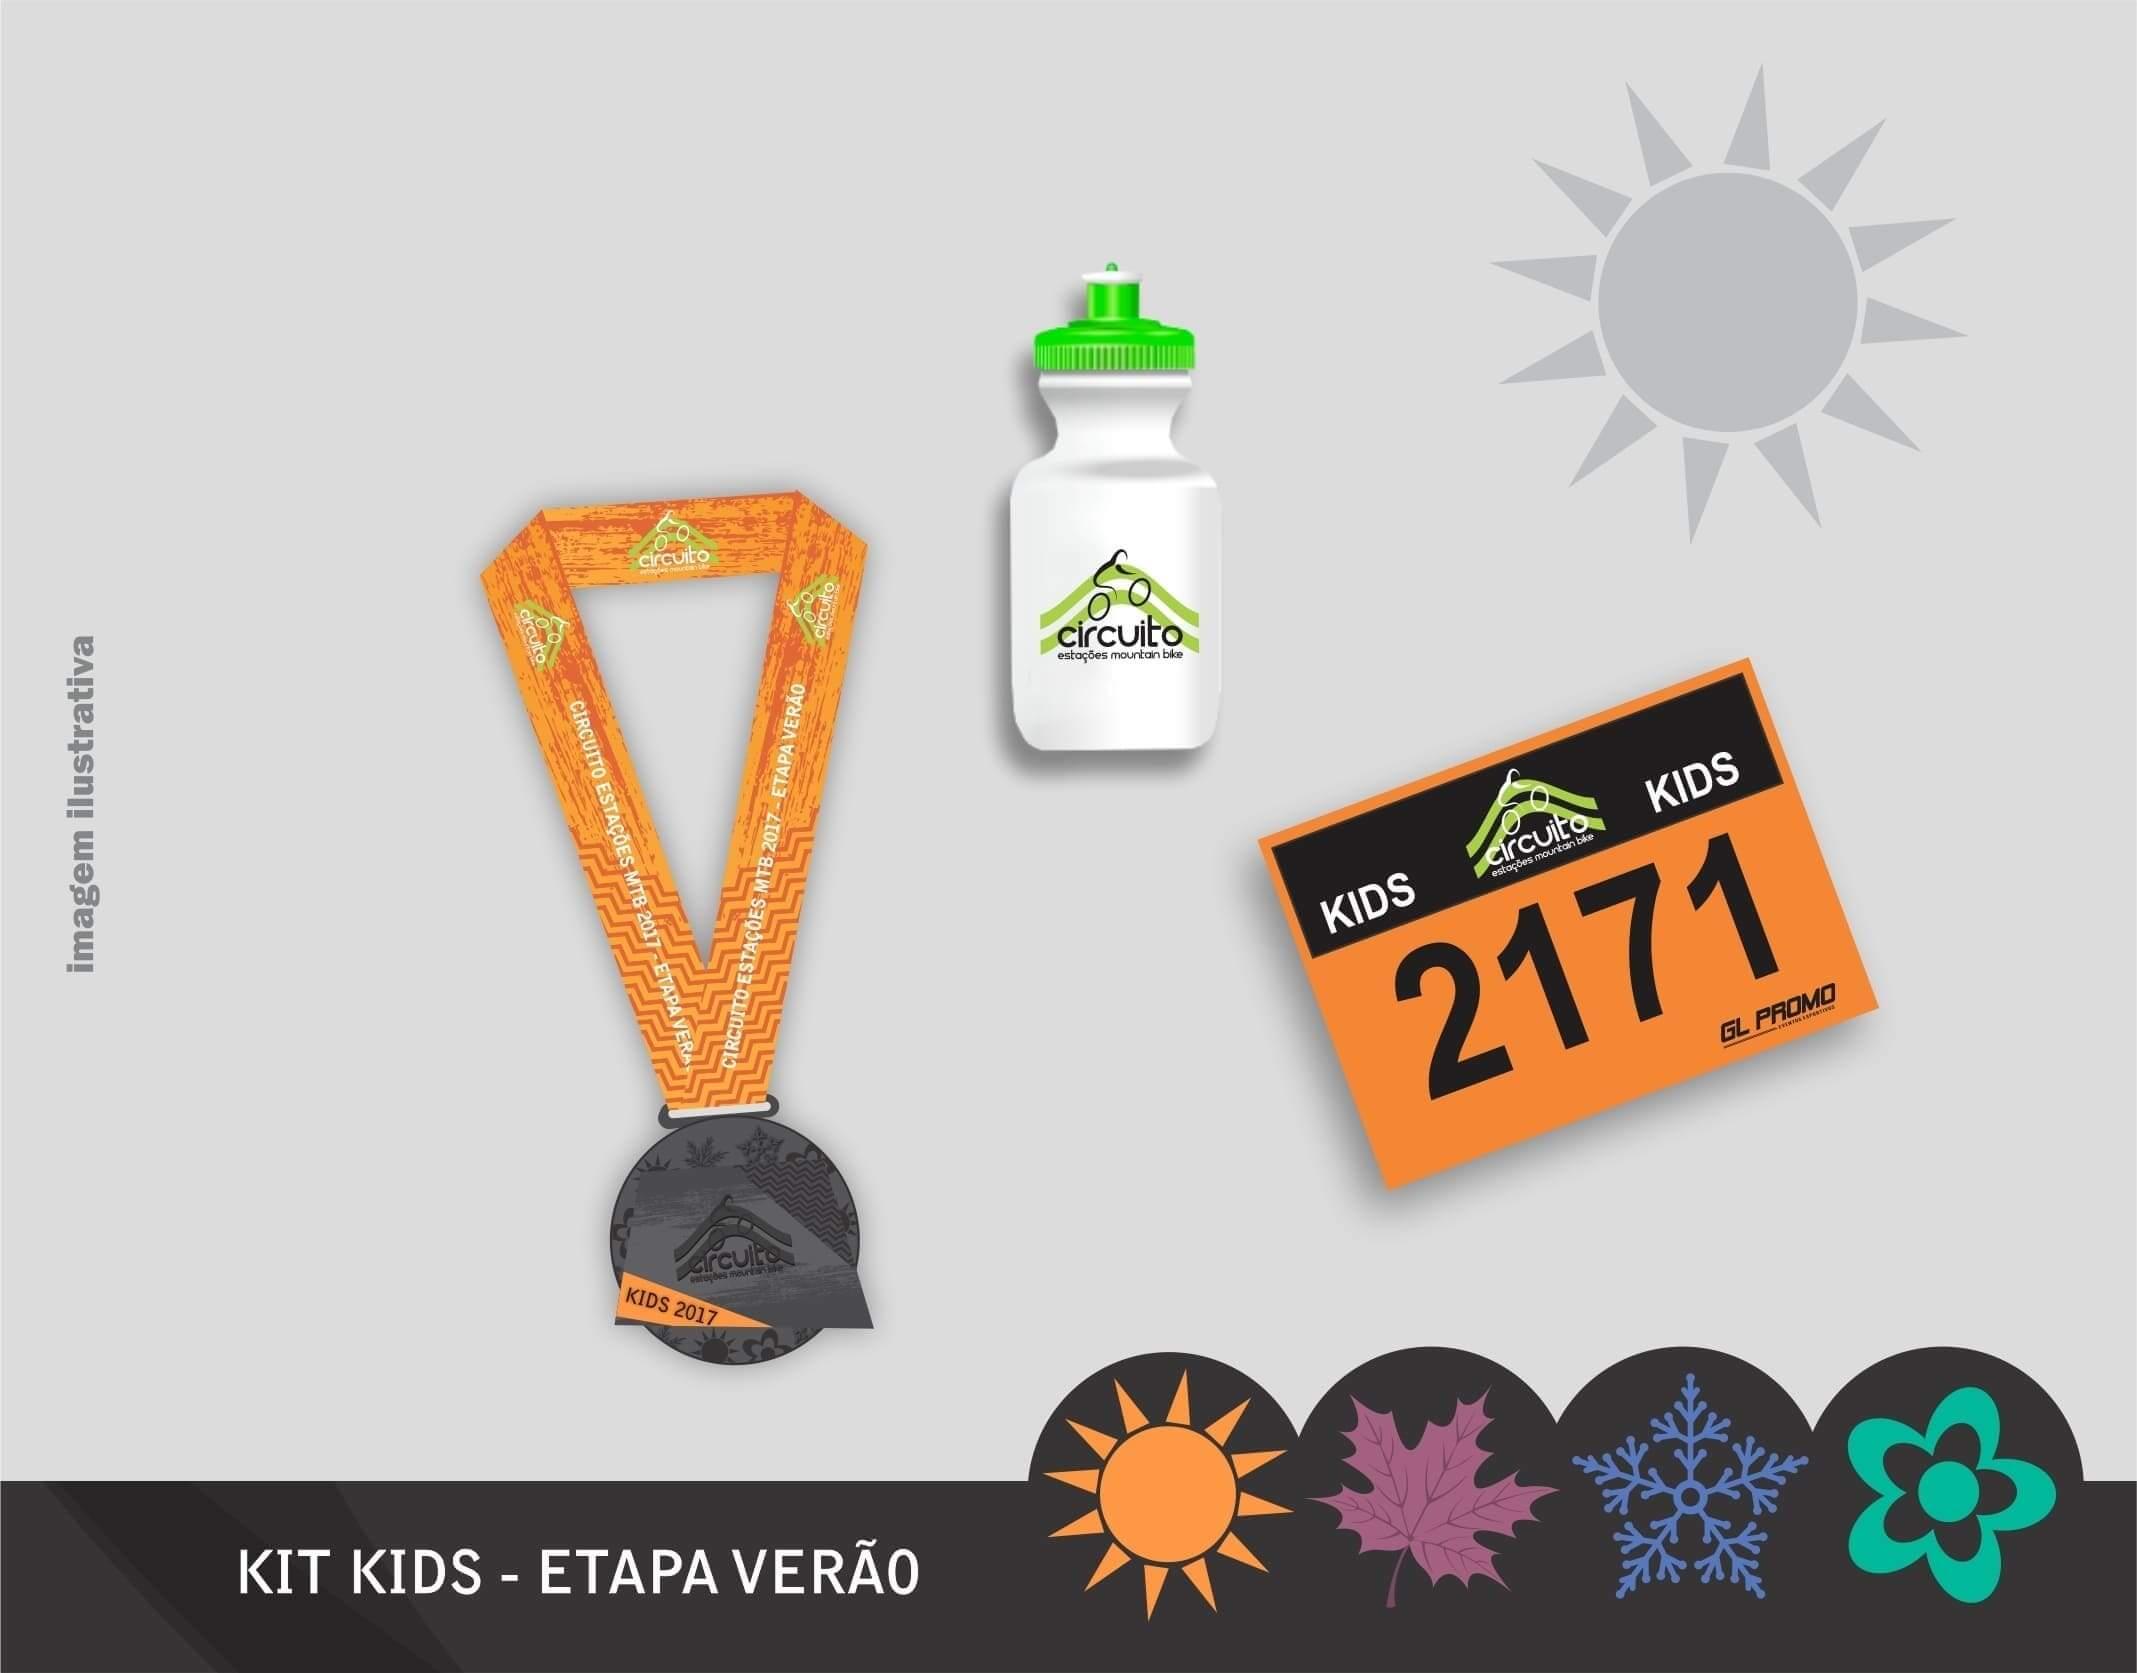 Kits Circuito Estações Mountain Bike - etapa verão